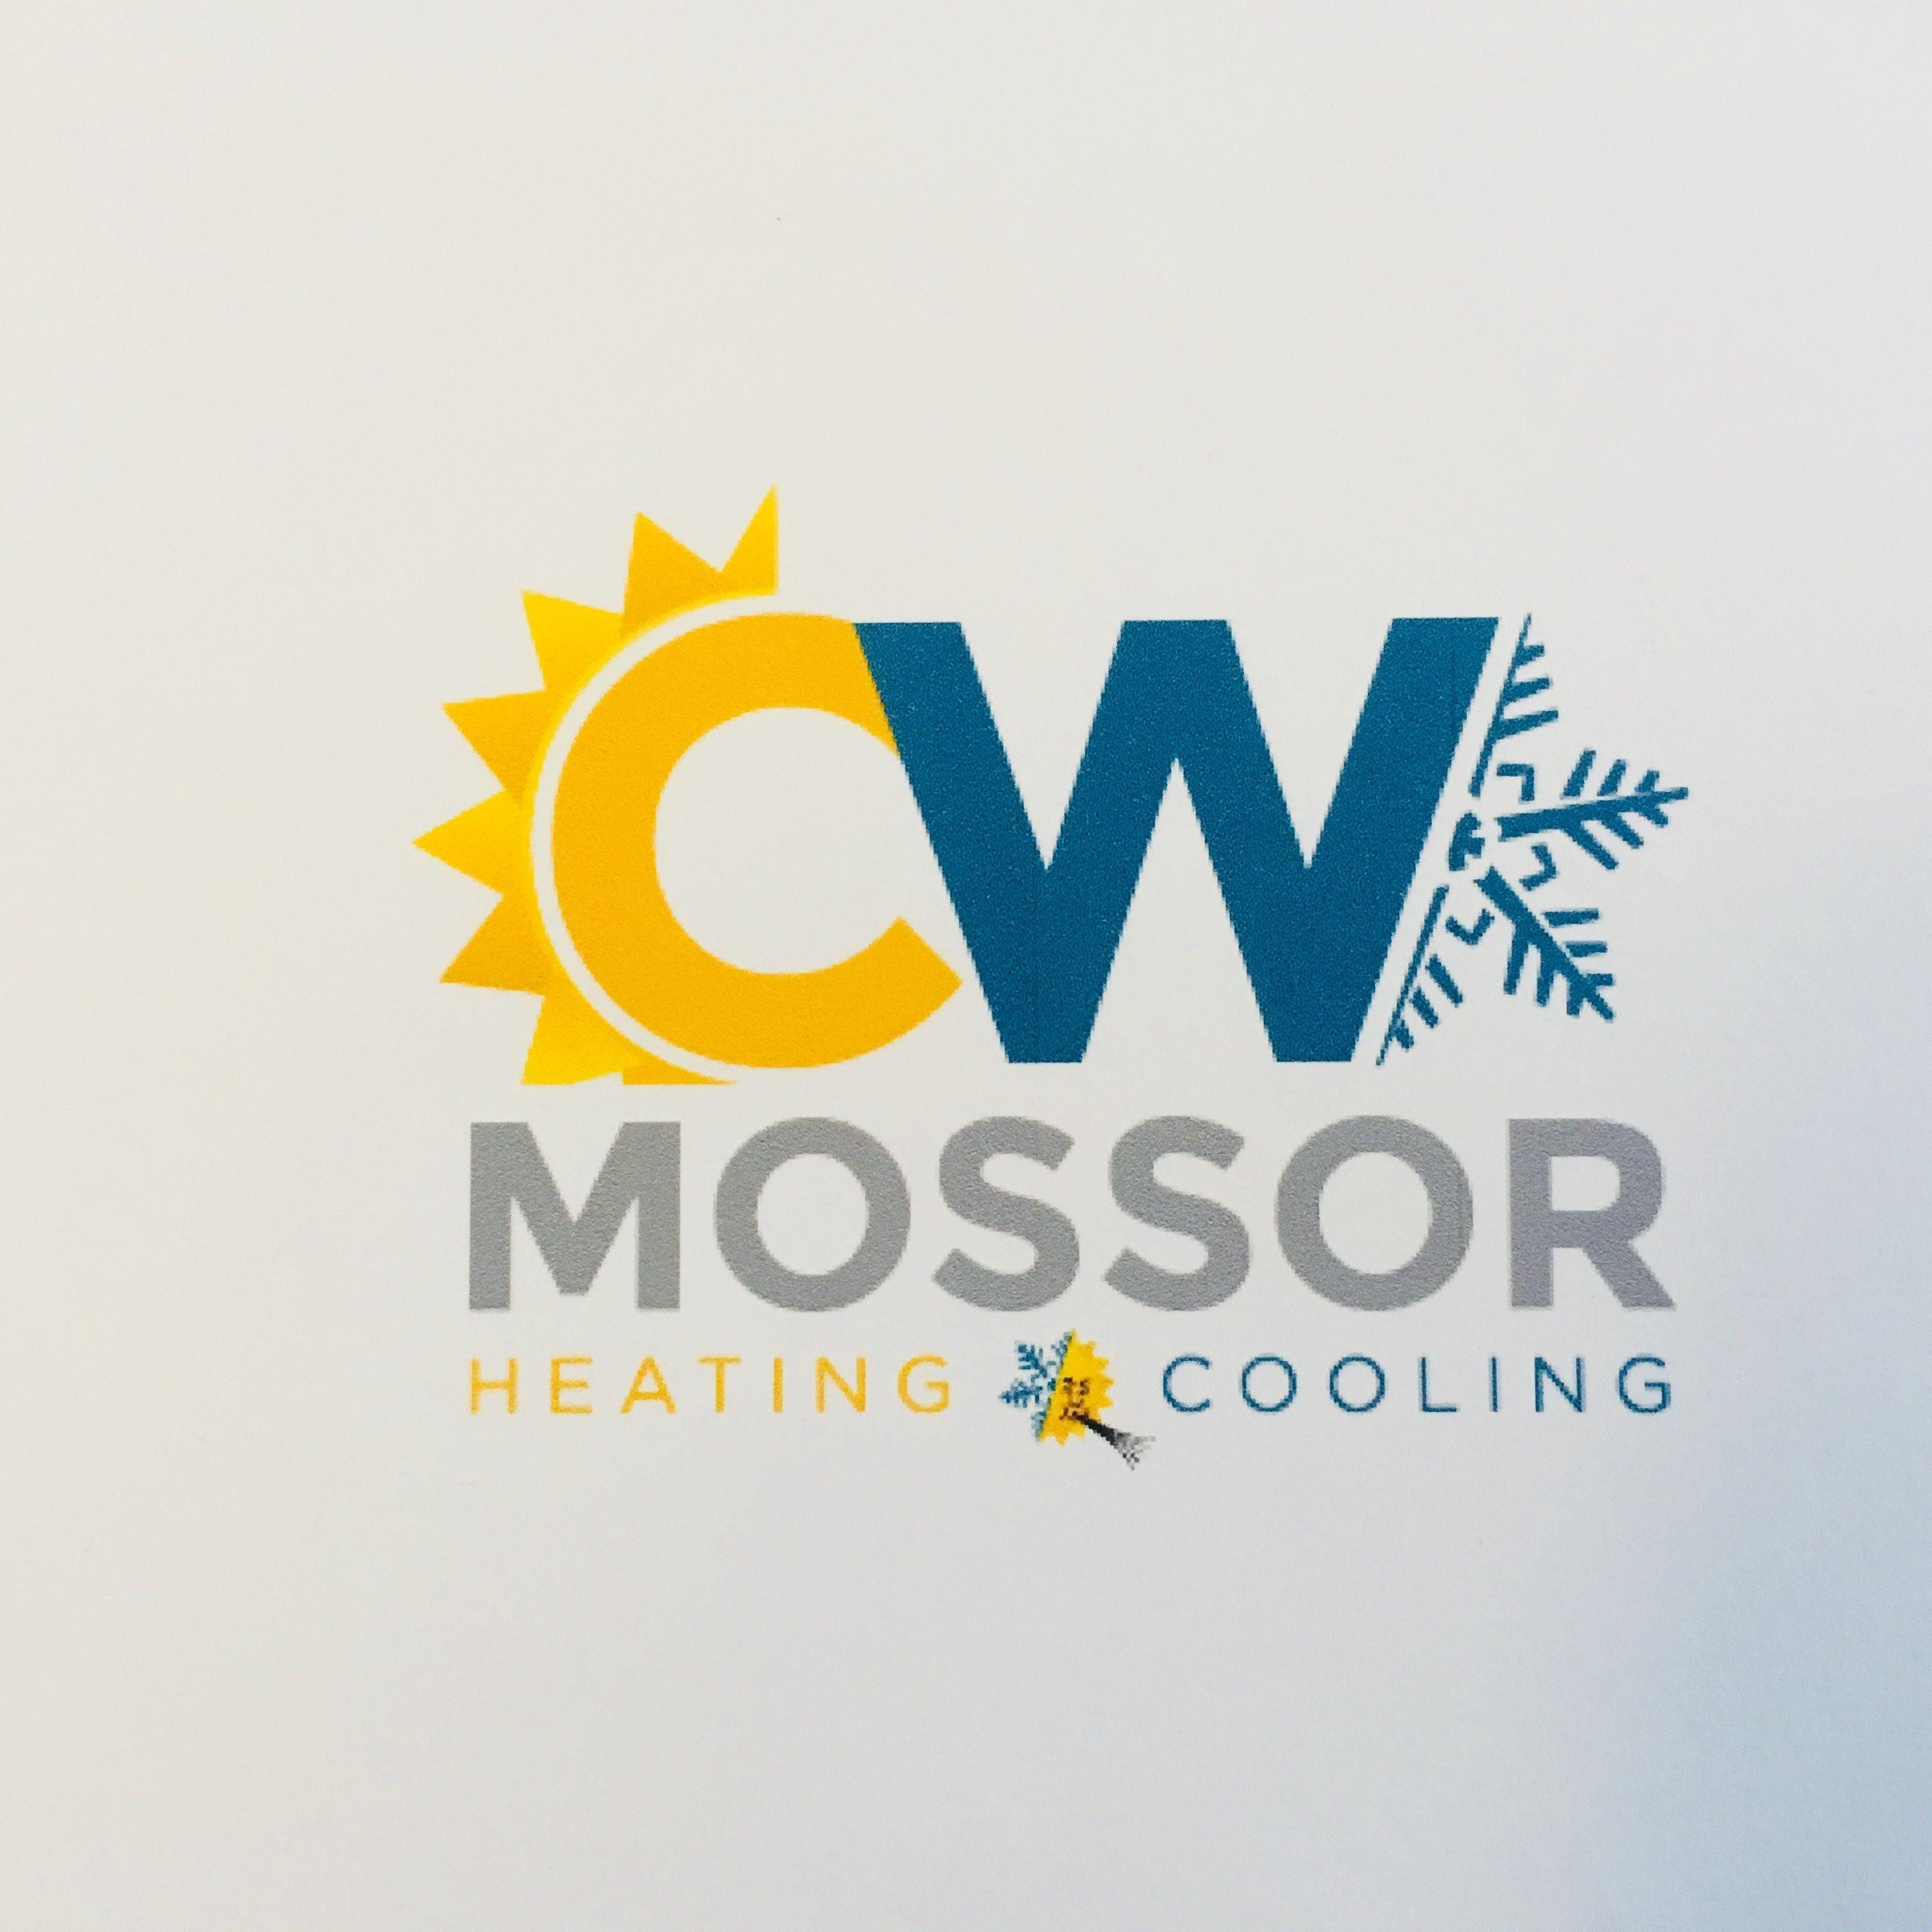 CW Mossor image 2